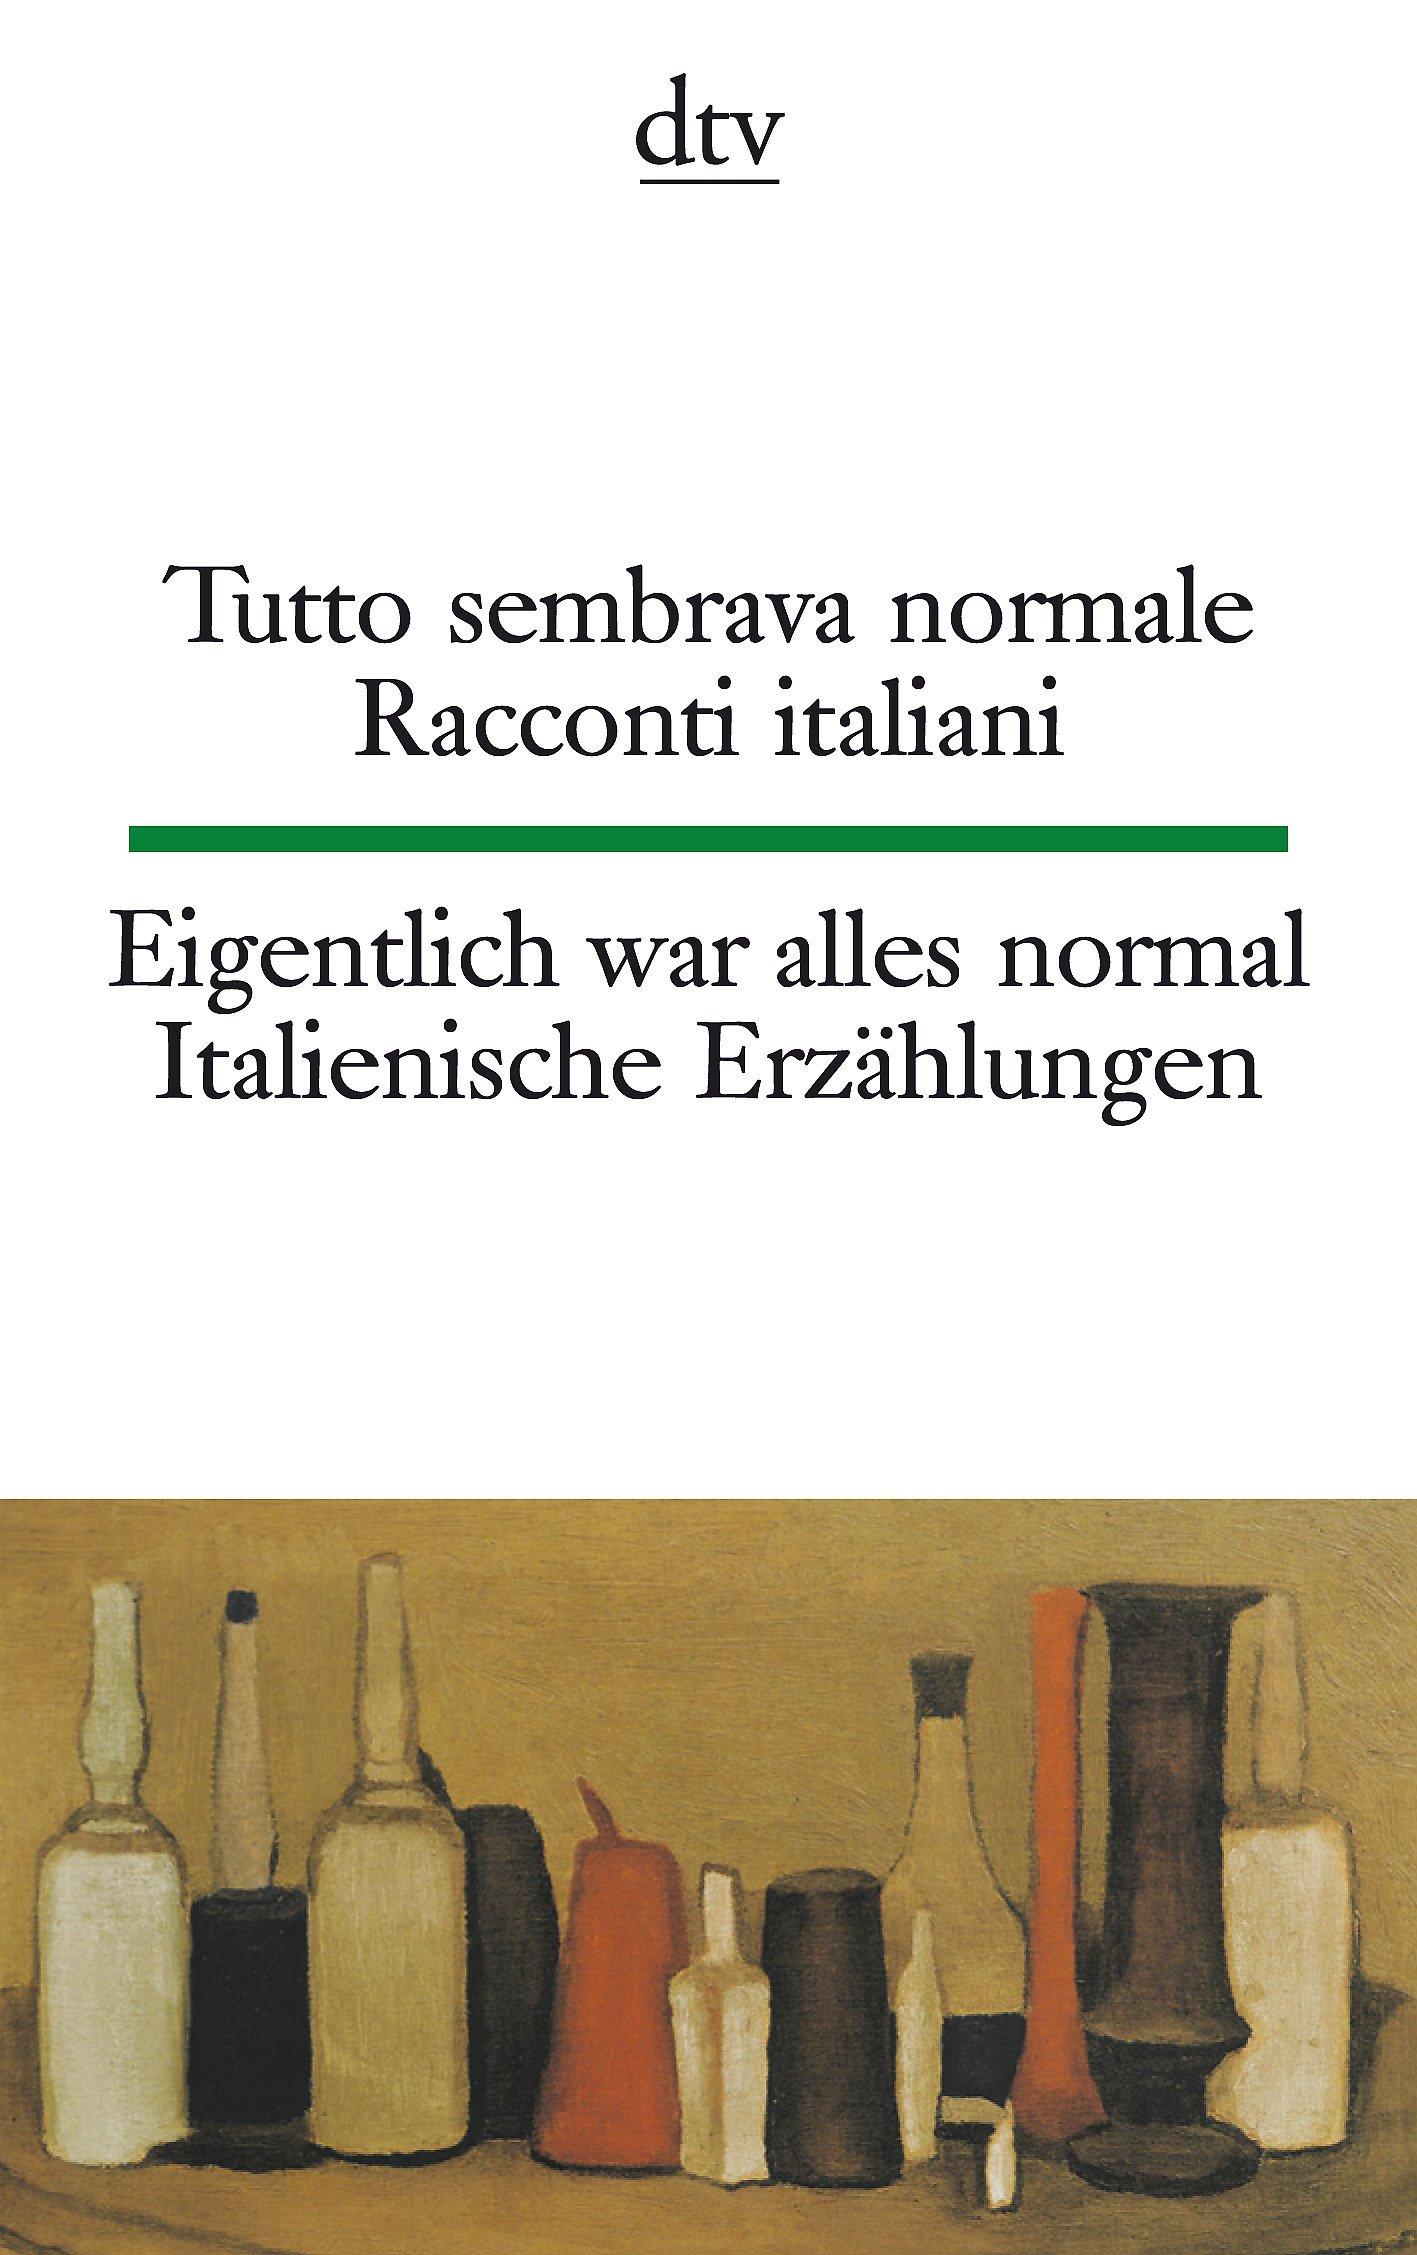 Tutto sembrava normale Eigentlich war alles normal: Racconti italiani Italienische Erzählungen (dtv zweisprachig)